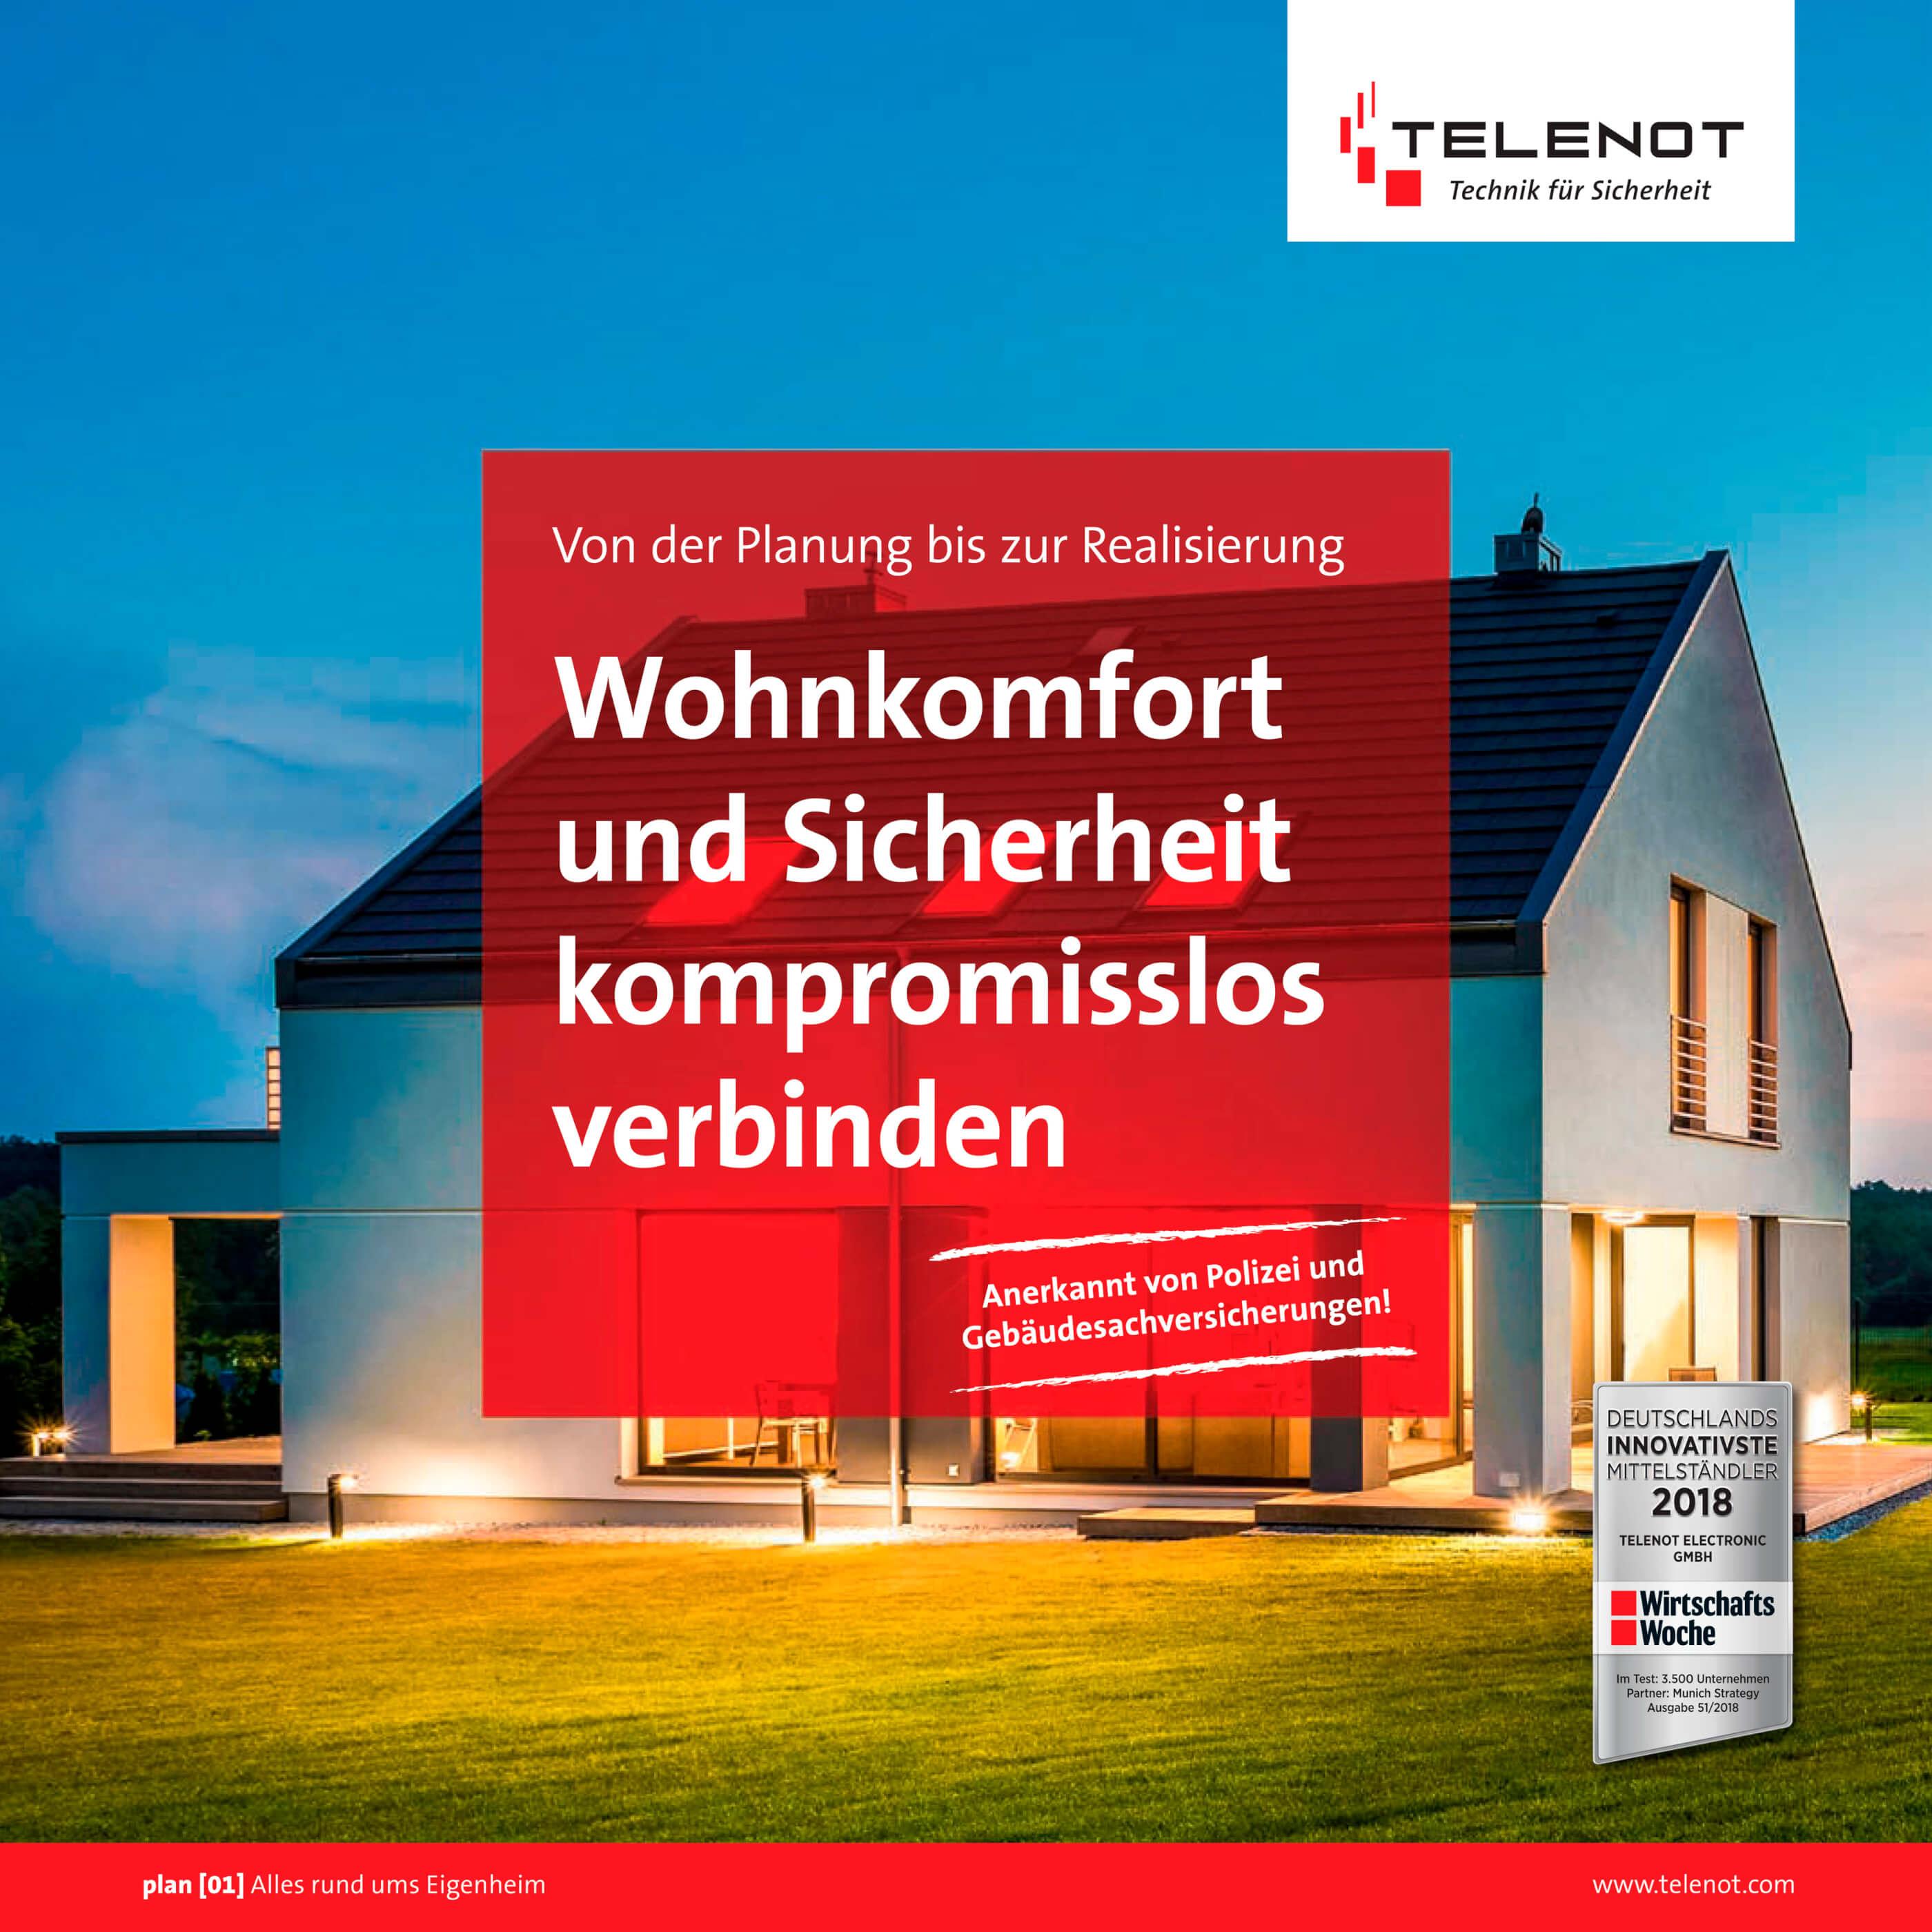 Telenot - Wohnen